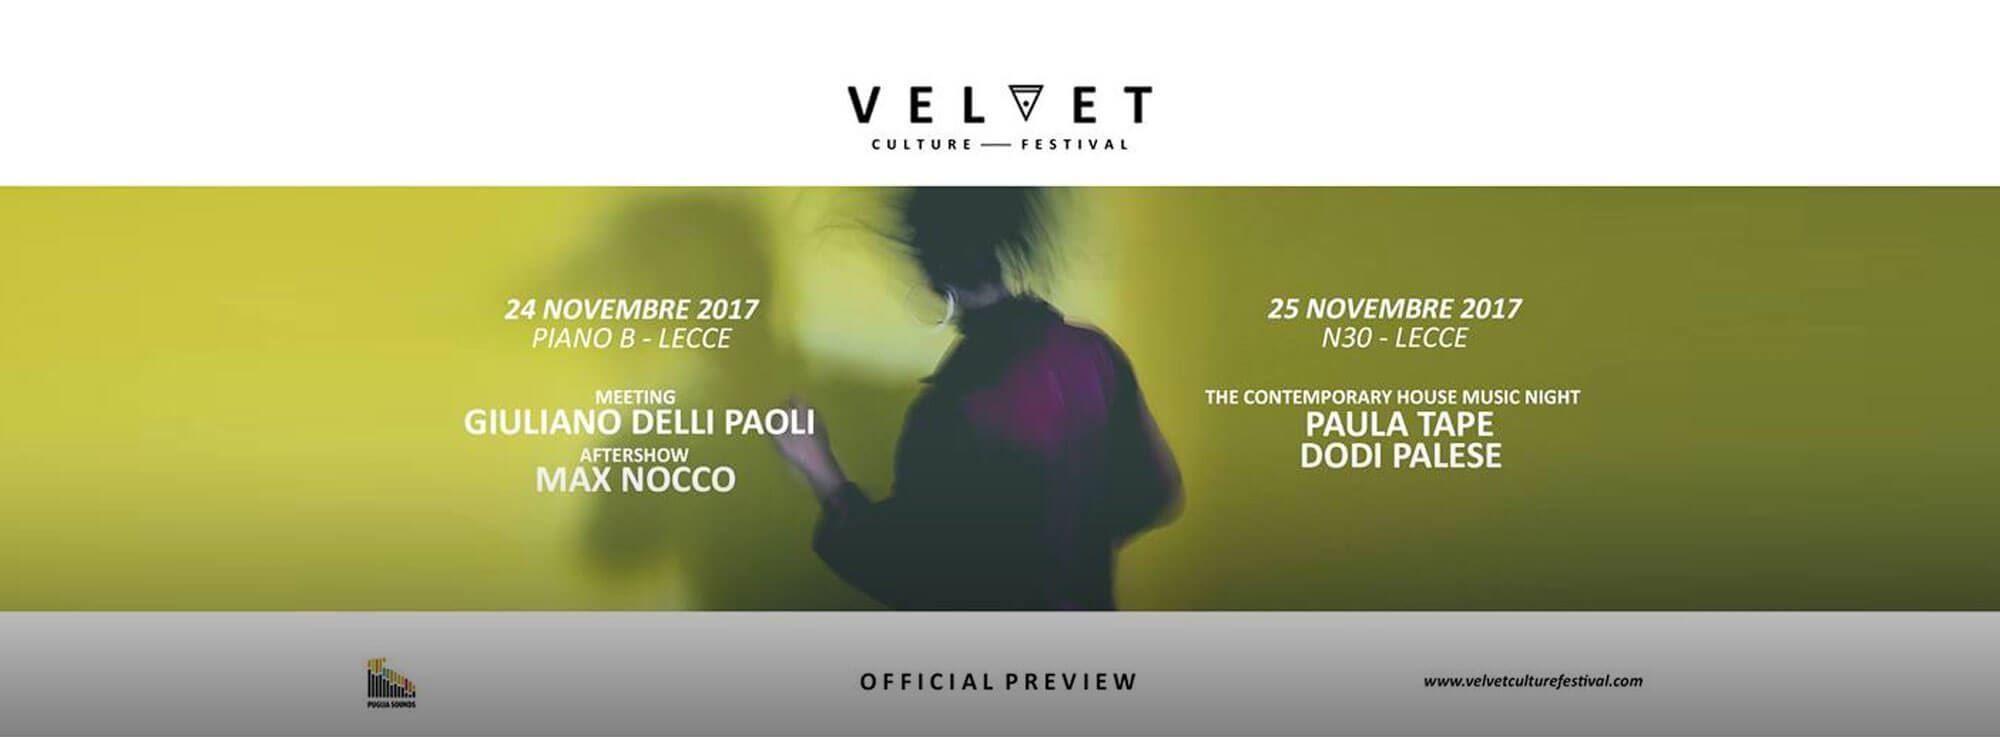 Lecce: Velvet Culture Festival - Preview